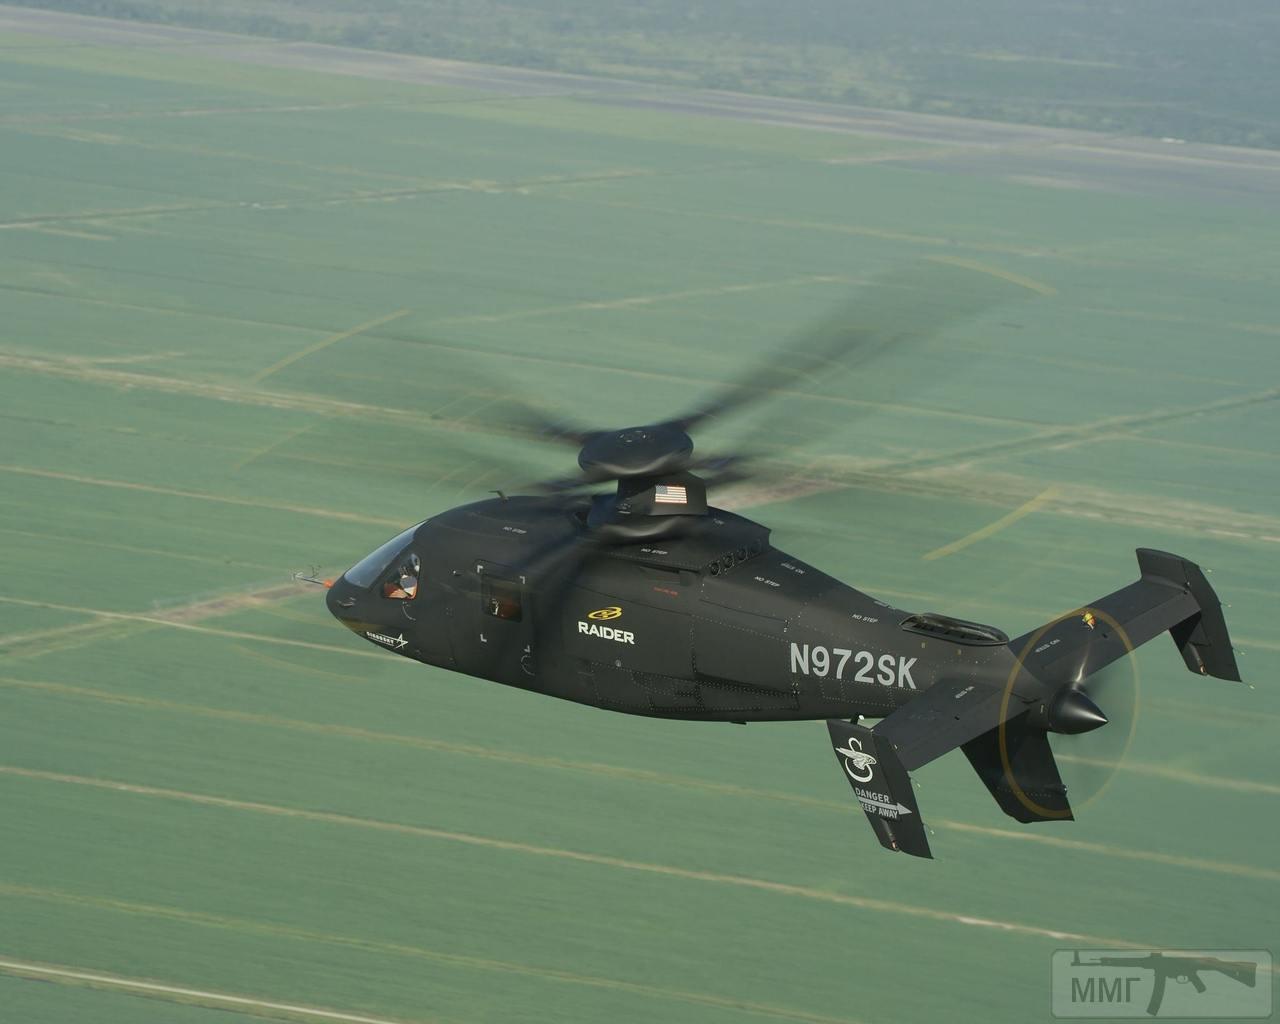 50816 - Красивые фото и видео боевых самолетов и вертолетов